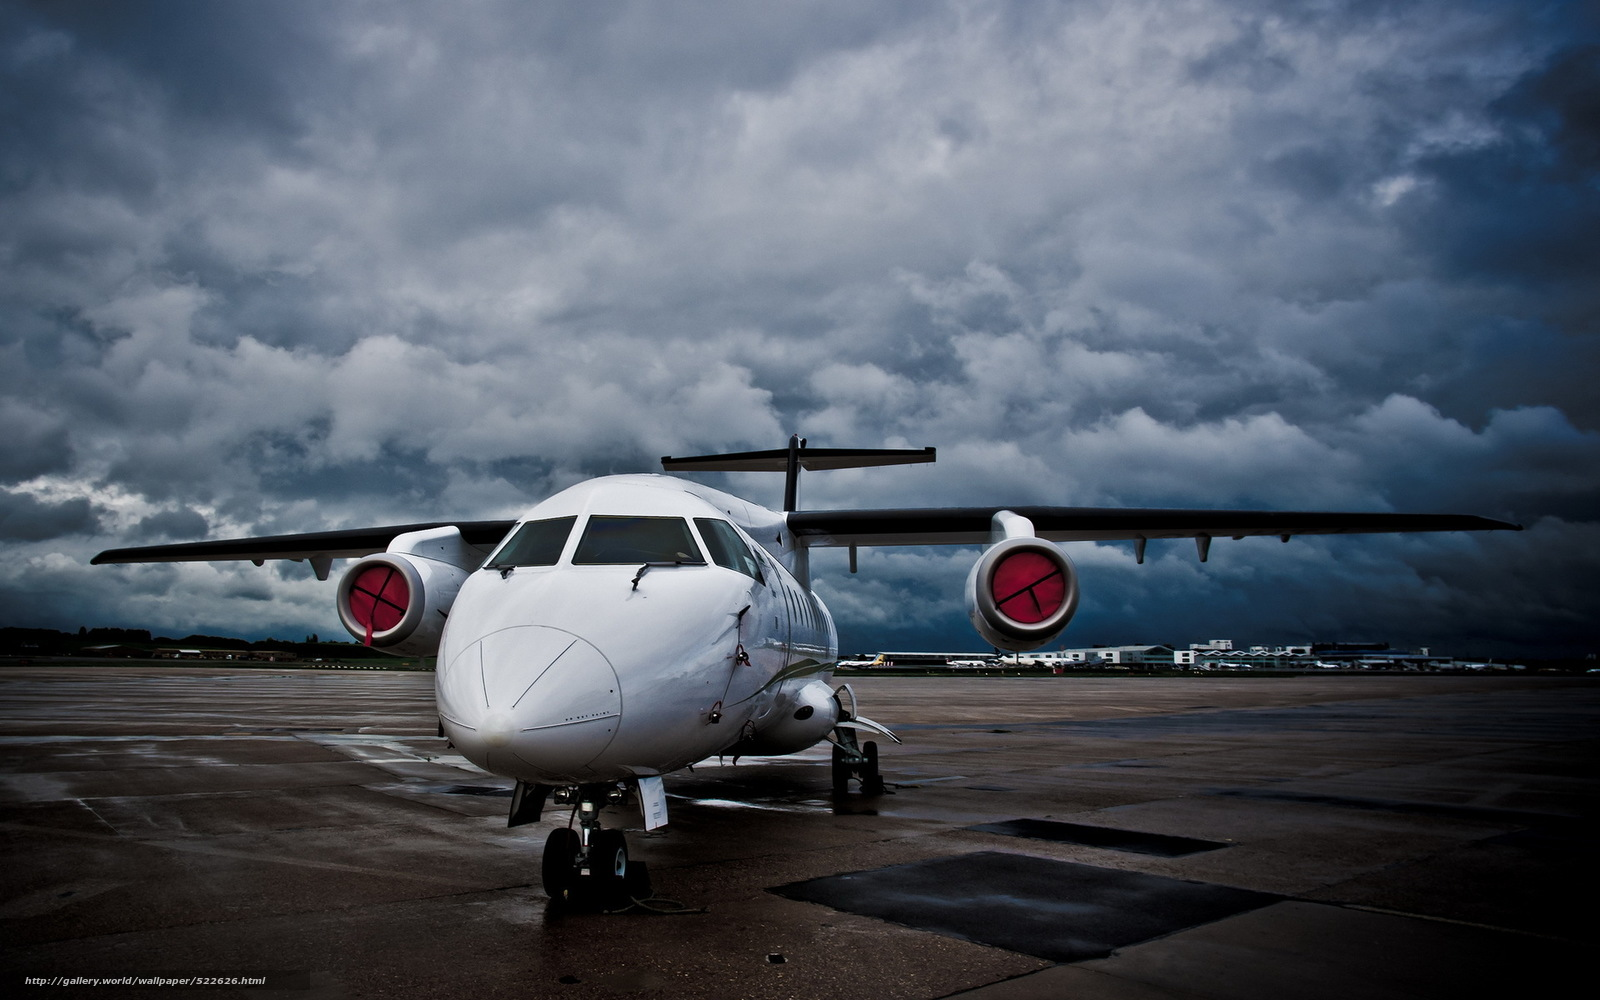 Скачать обои авиация,  аэродром,  самолёт бесплатно для рабочего стола в разрешении 1920x1200 — картинка №522626